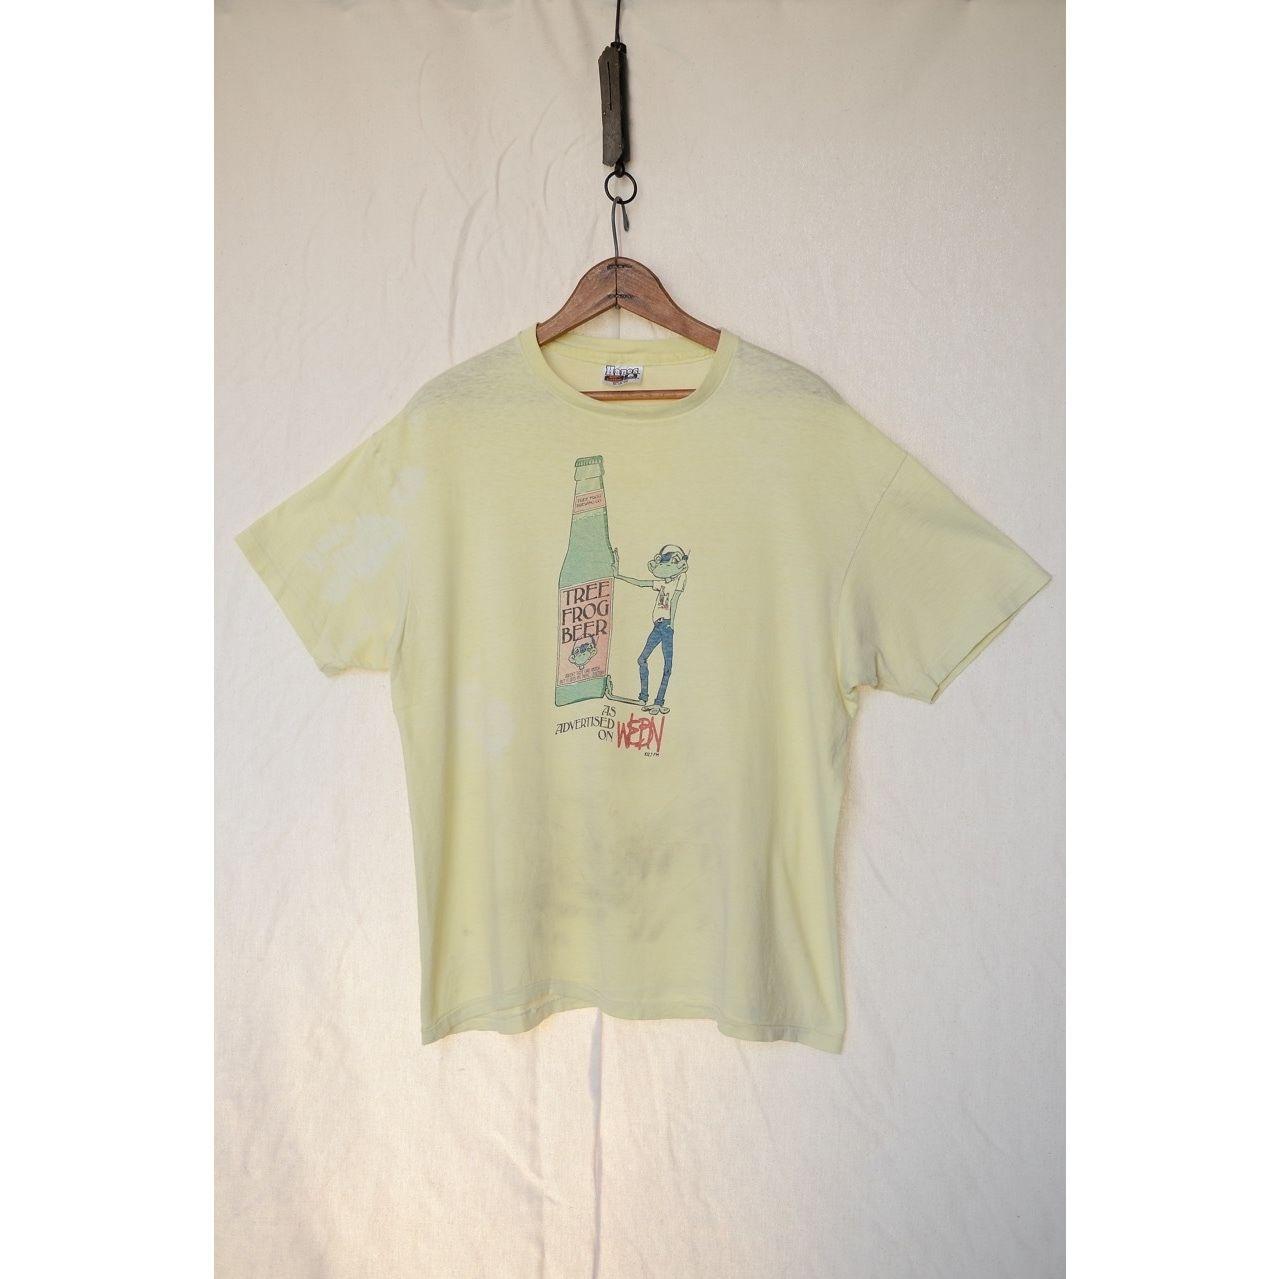 """HANES 80'S """"TREE FROG BEER WEBN"""" Tシャツ"""